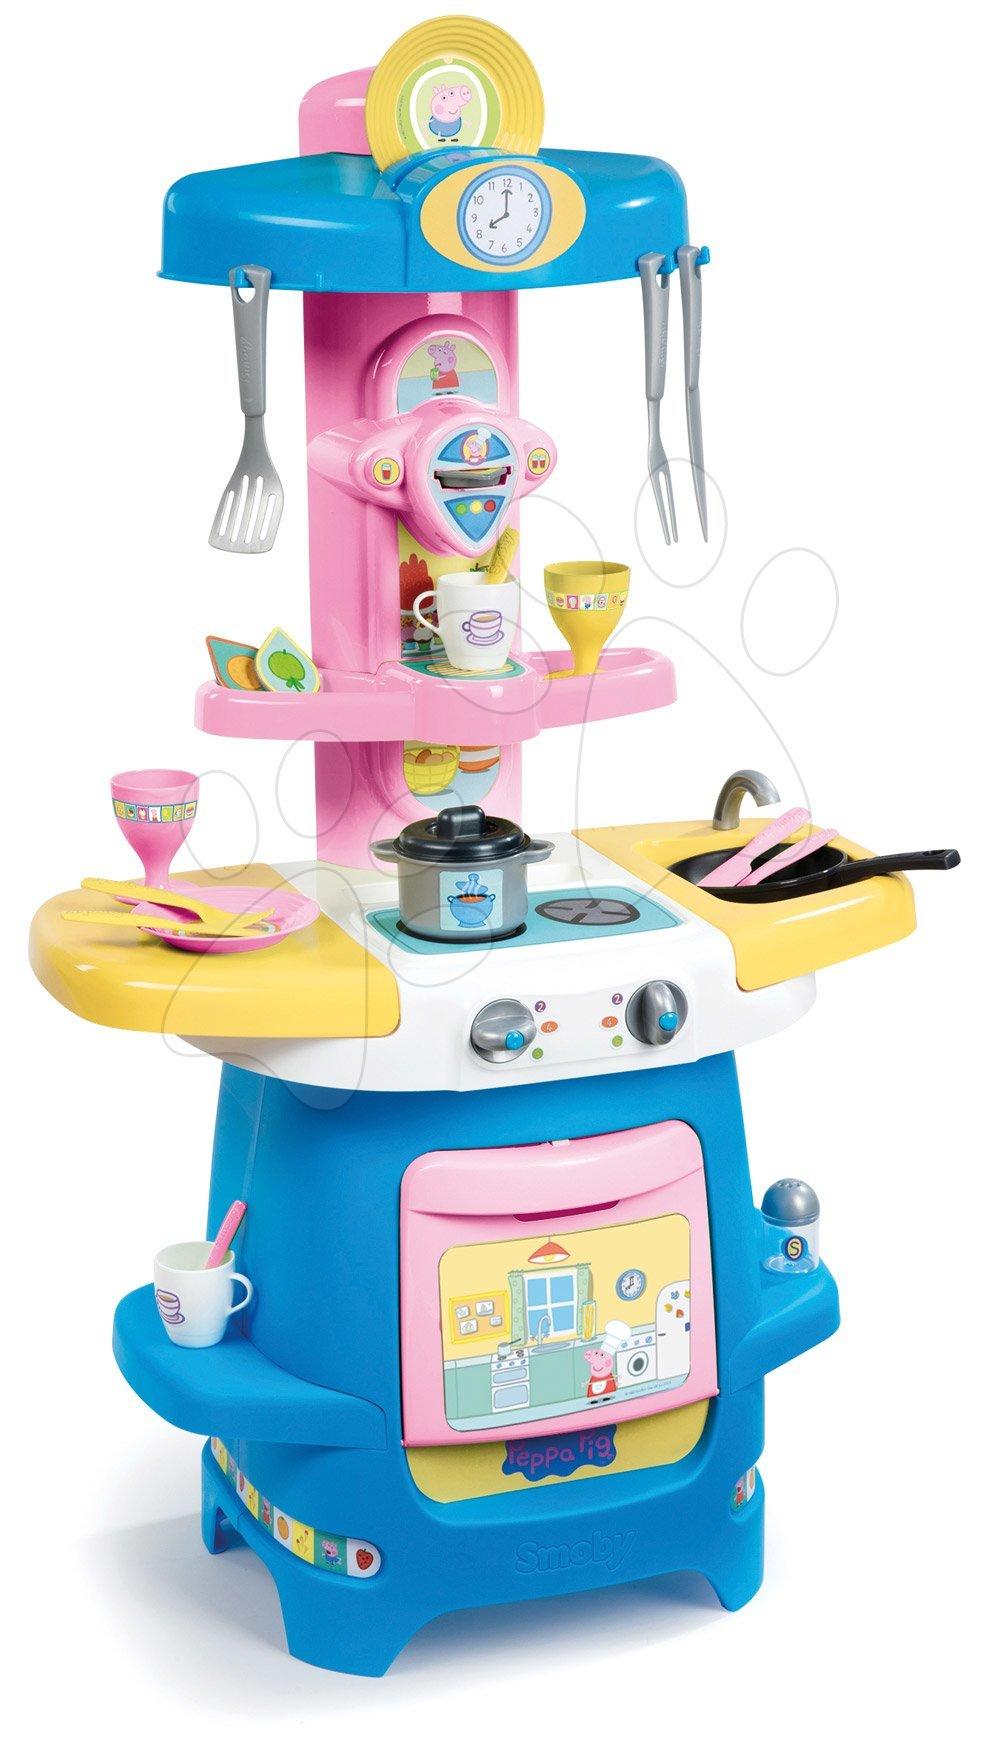 Játékkonyha kávéfőzővel Peppa Pig Cooky Smoby nyitható munkafelülettel, sütővel és 22 kiegészítővel 85 cm magas 18 hótól